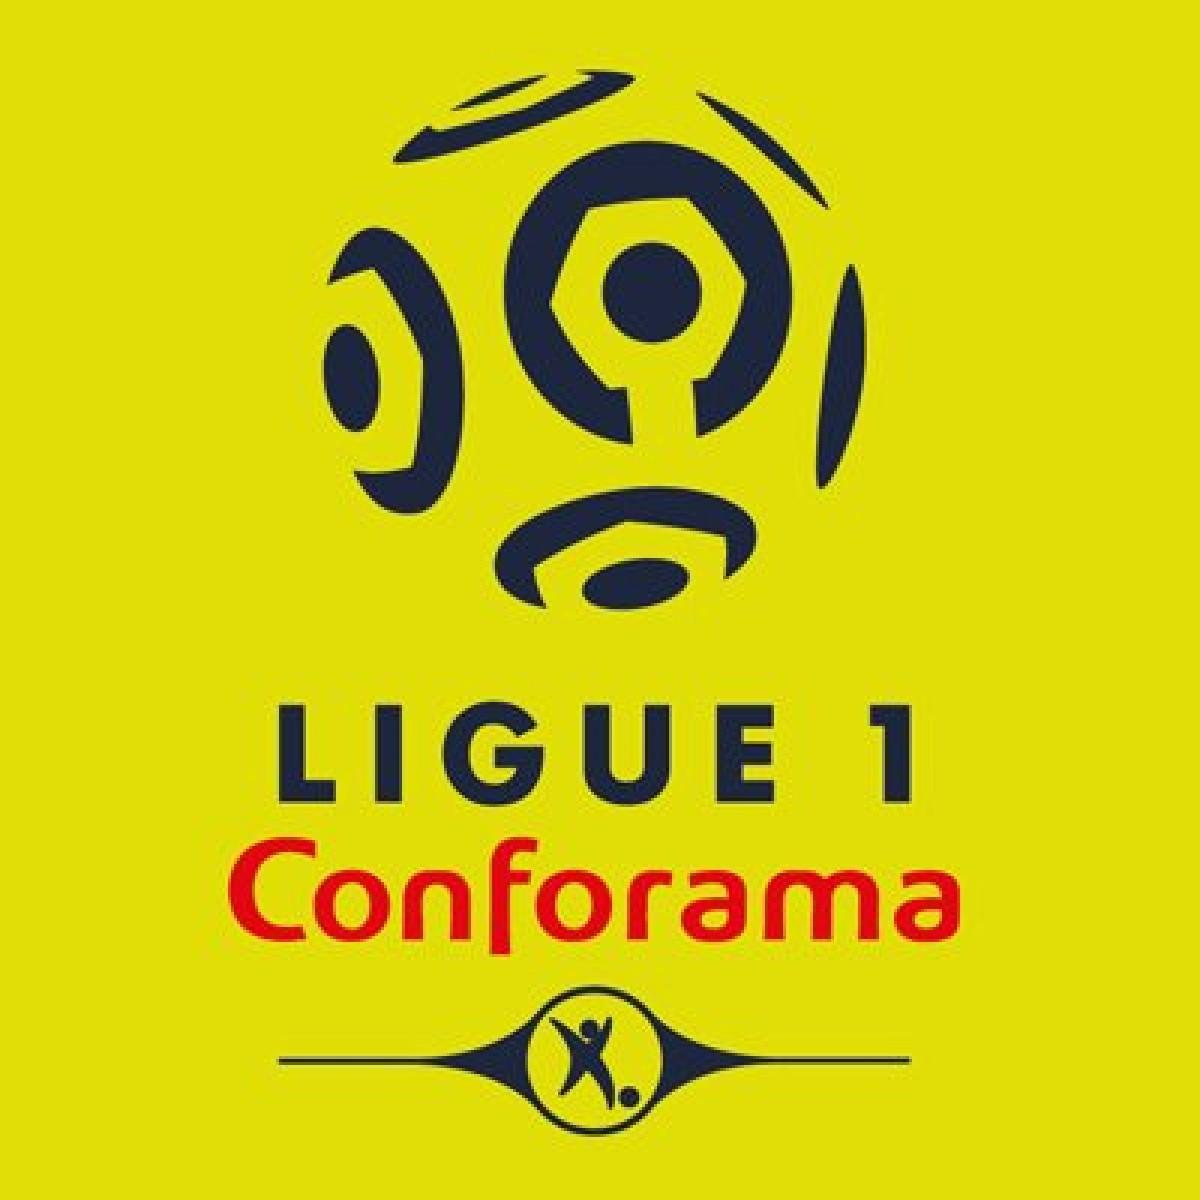 Ligue 1 - La situazione dopo le prime quattro giornate